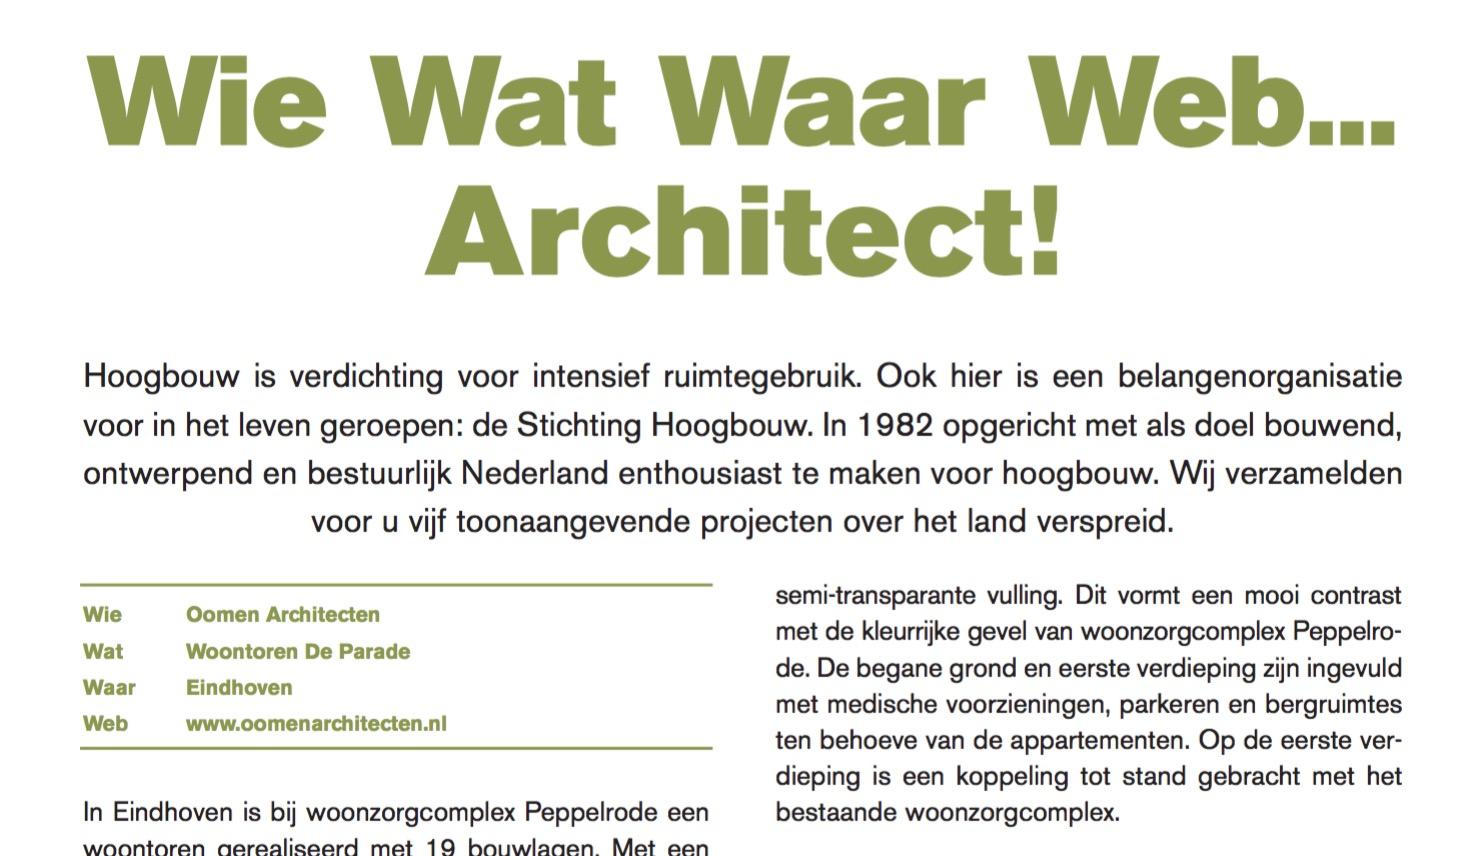 Publicatie over Woontoren de Parade in Eindhoven